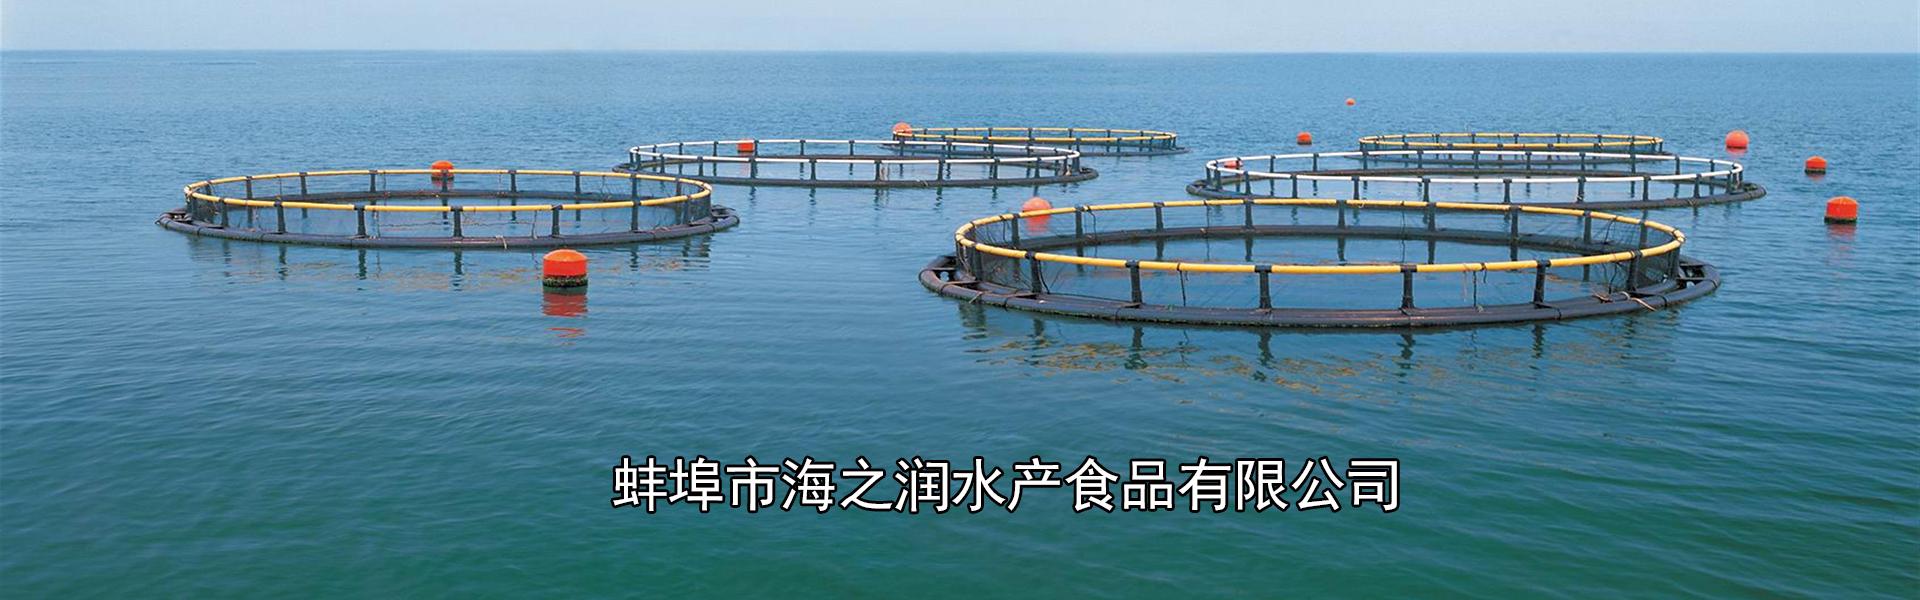 鱼产品供应厂家